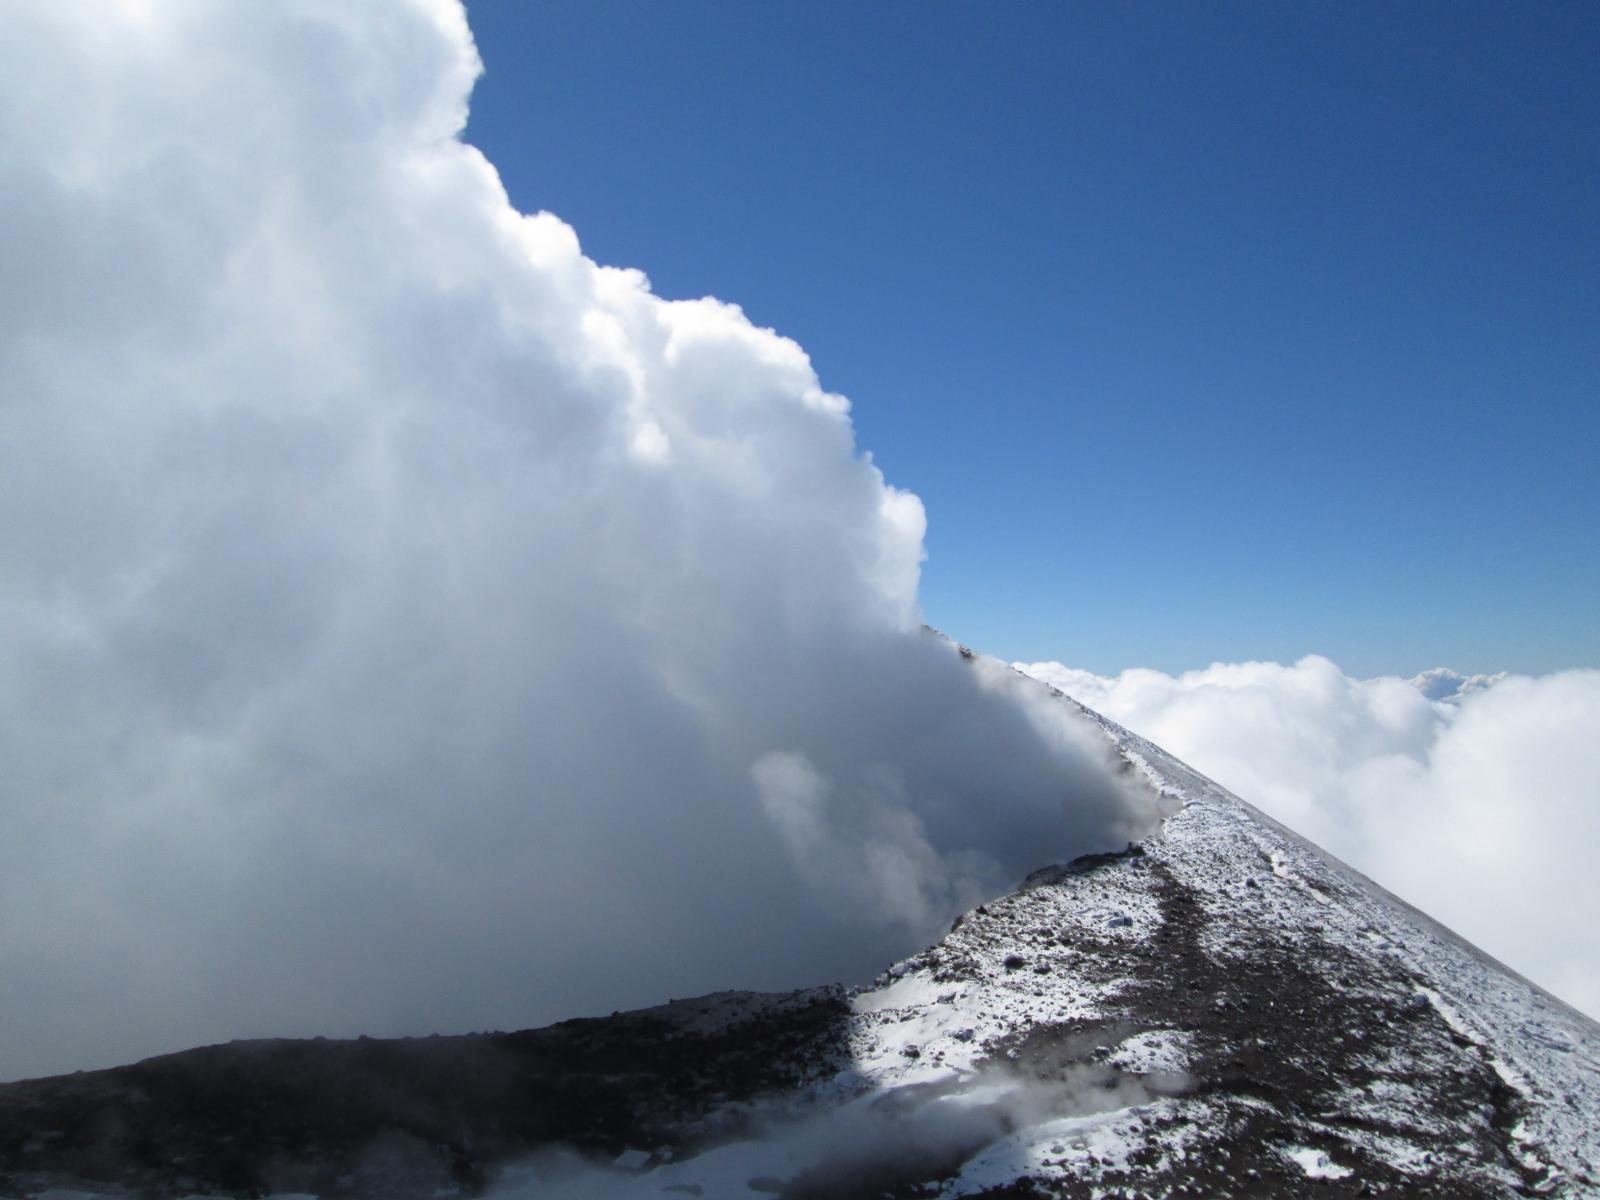 il cratere di nord-est avvolto dai fumi